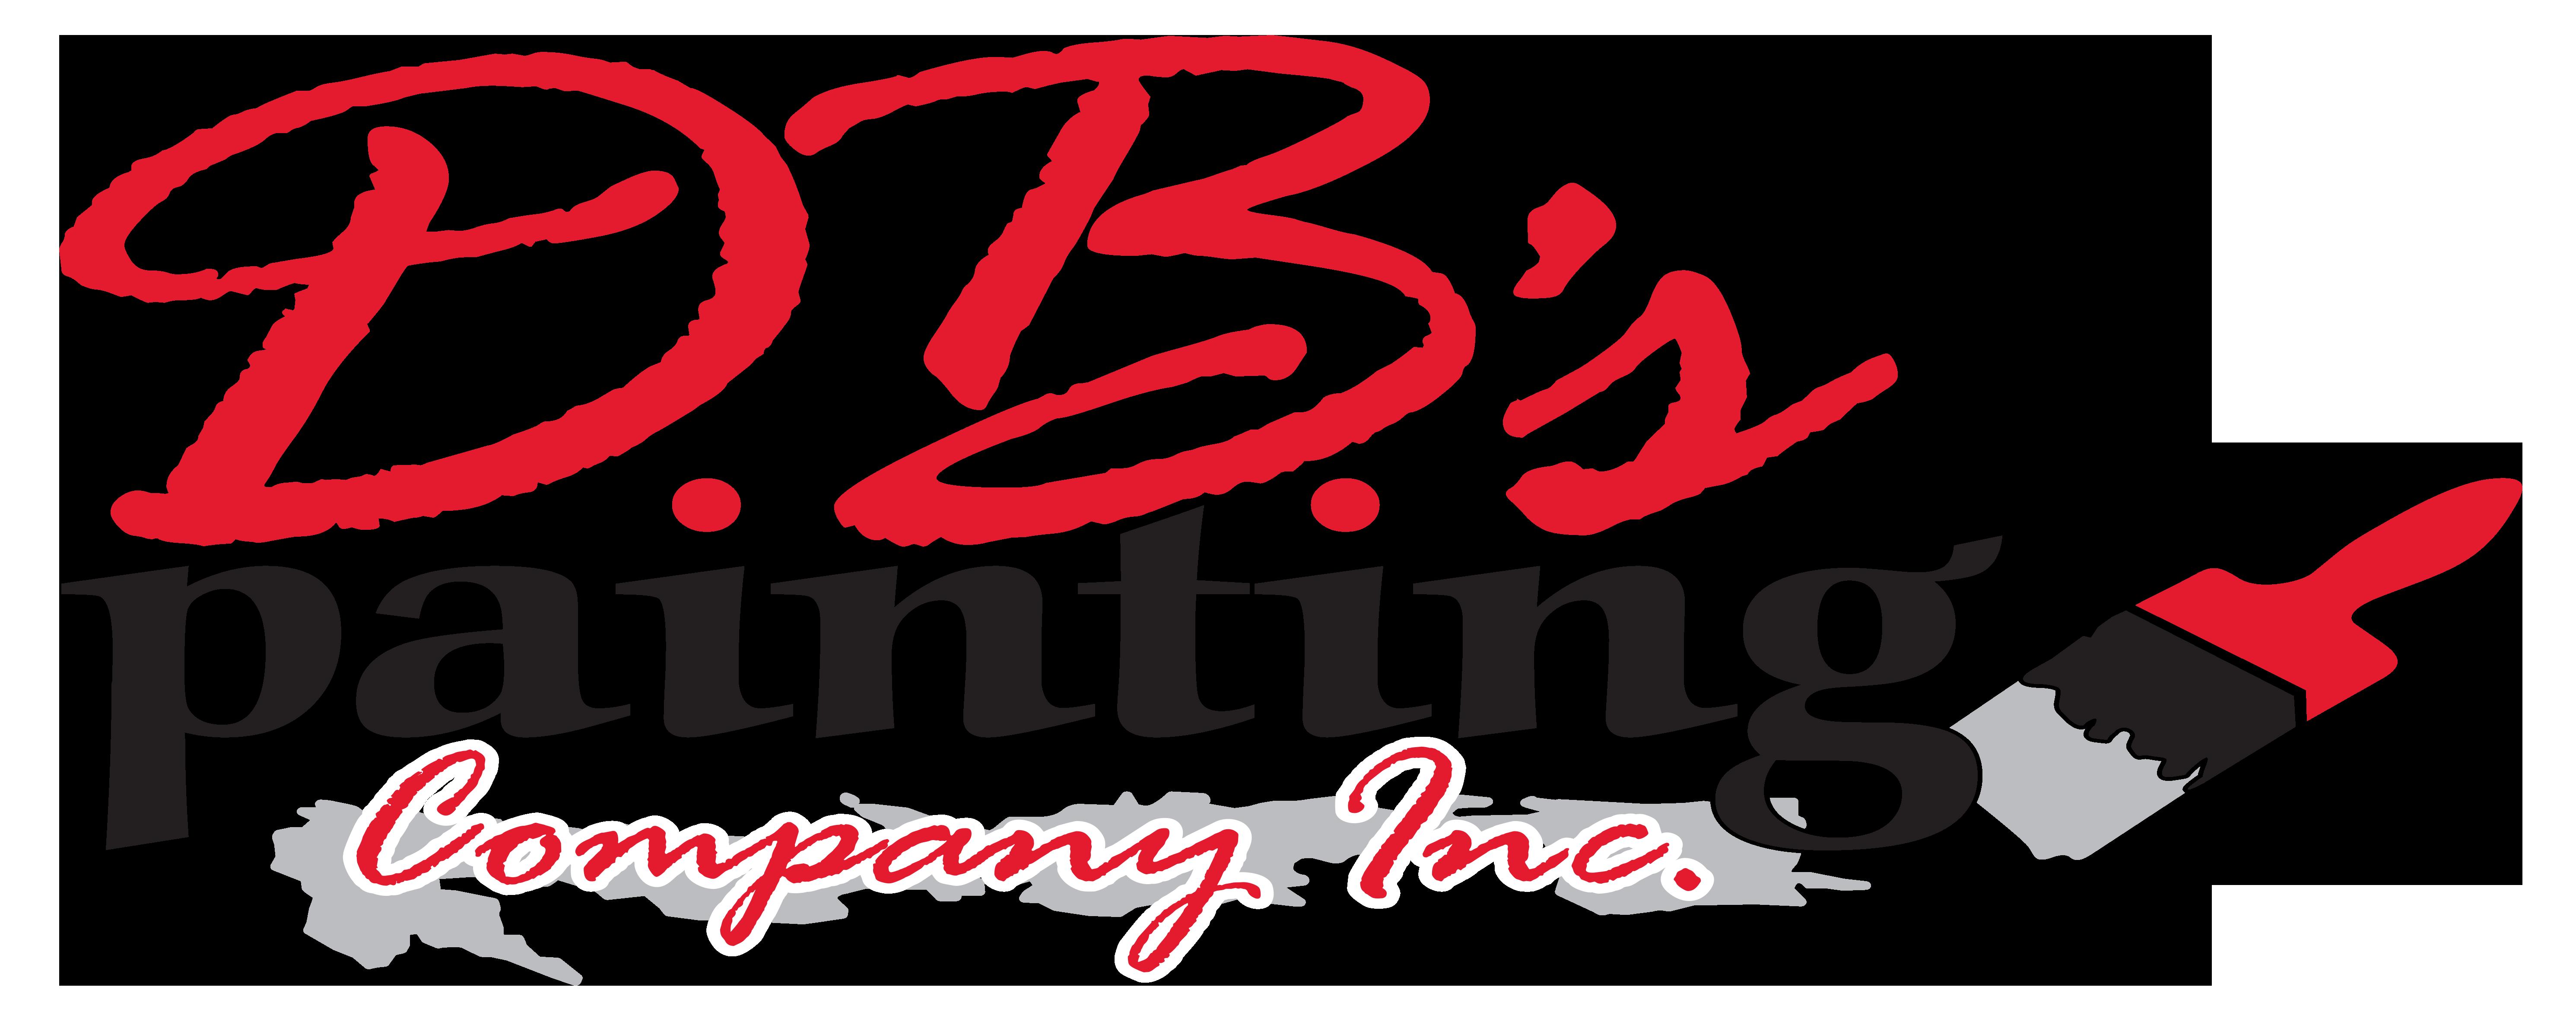 The Book Company